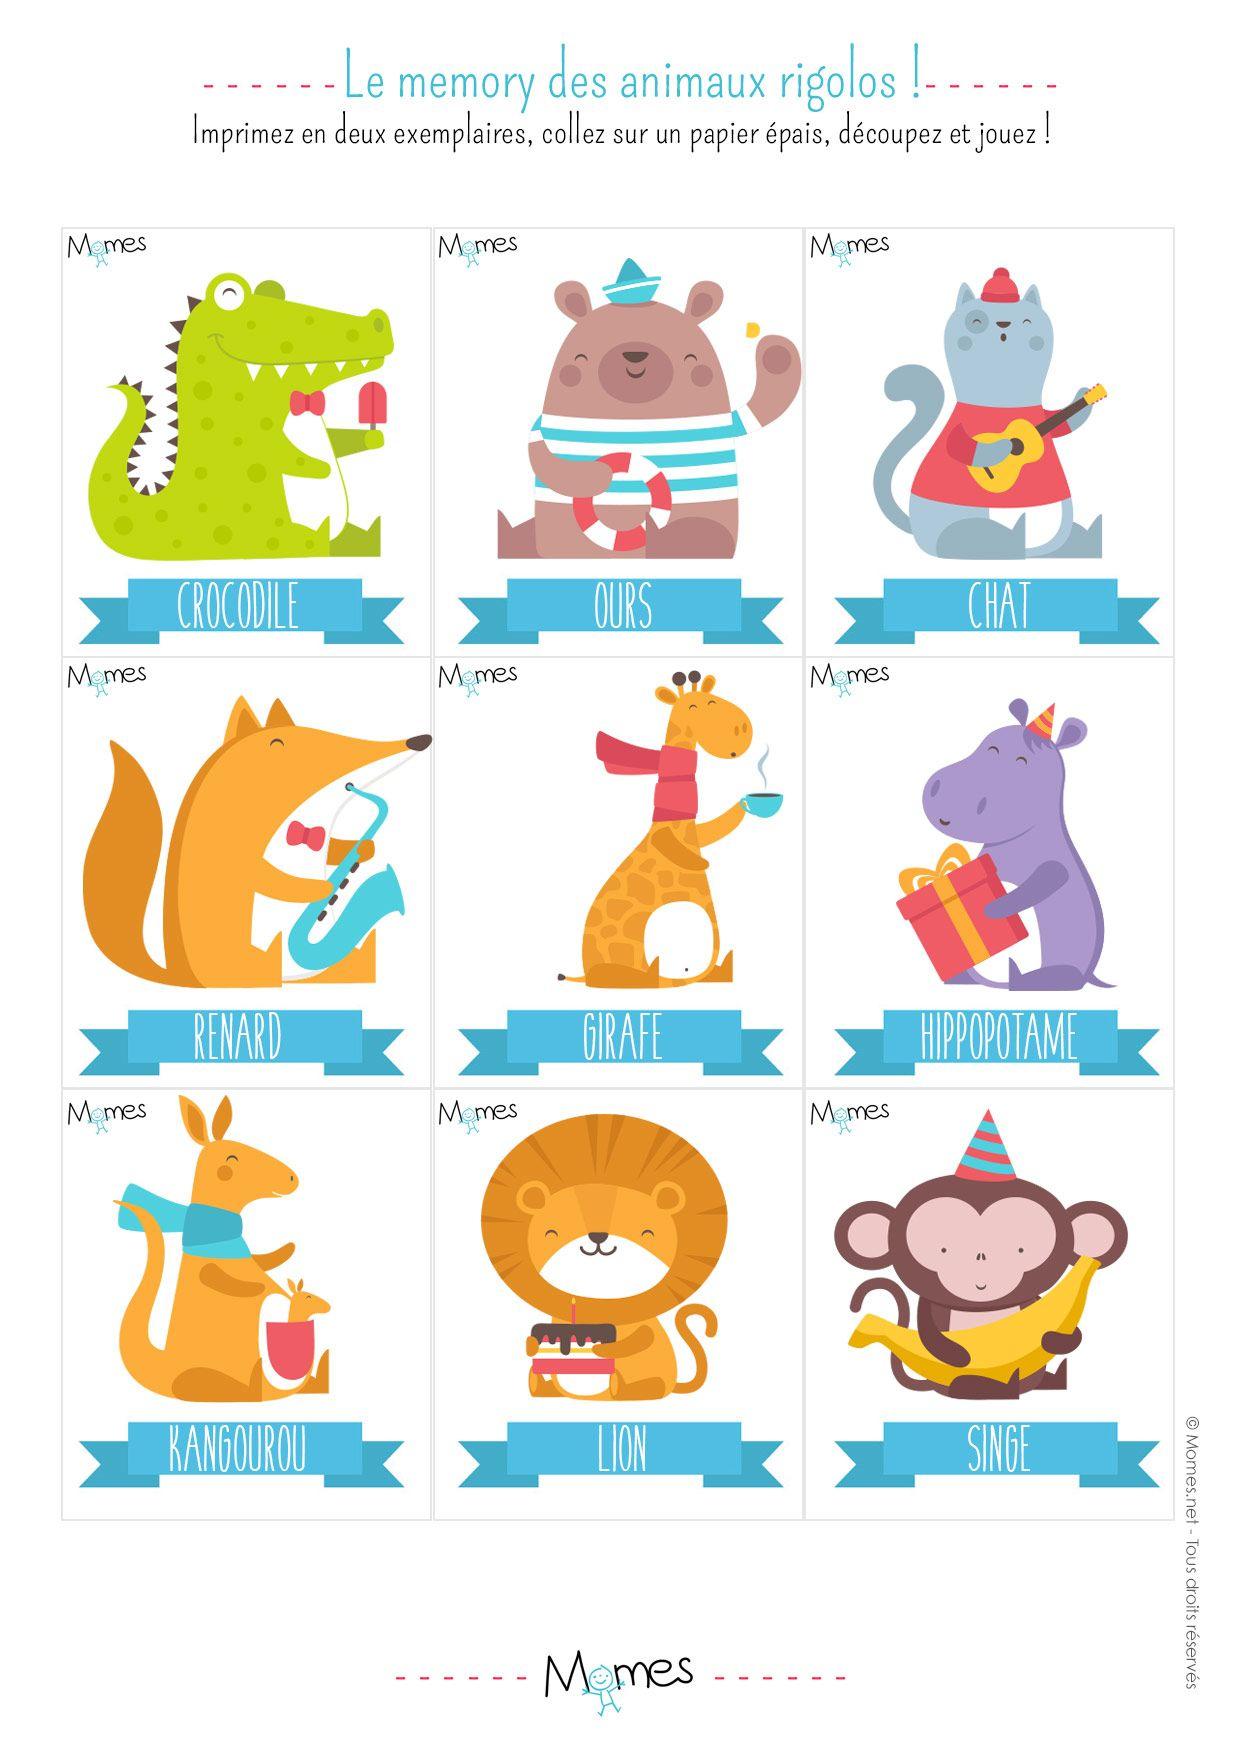 Memory Animaux - Jeu À Imprimer | Jeux A Imprimer, Jeu De pour Memory Enfant Gratuit